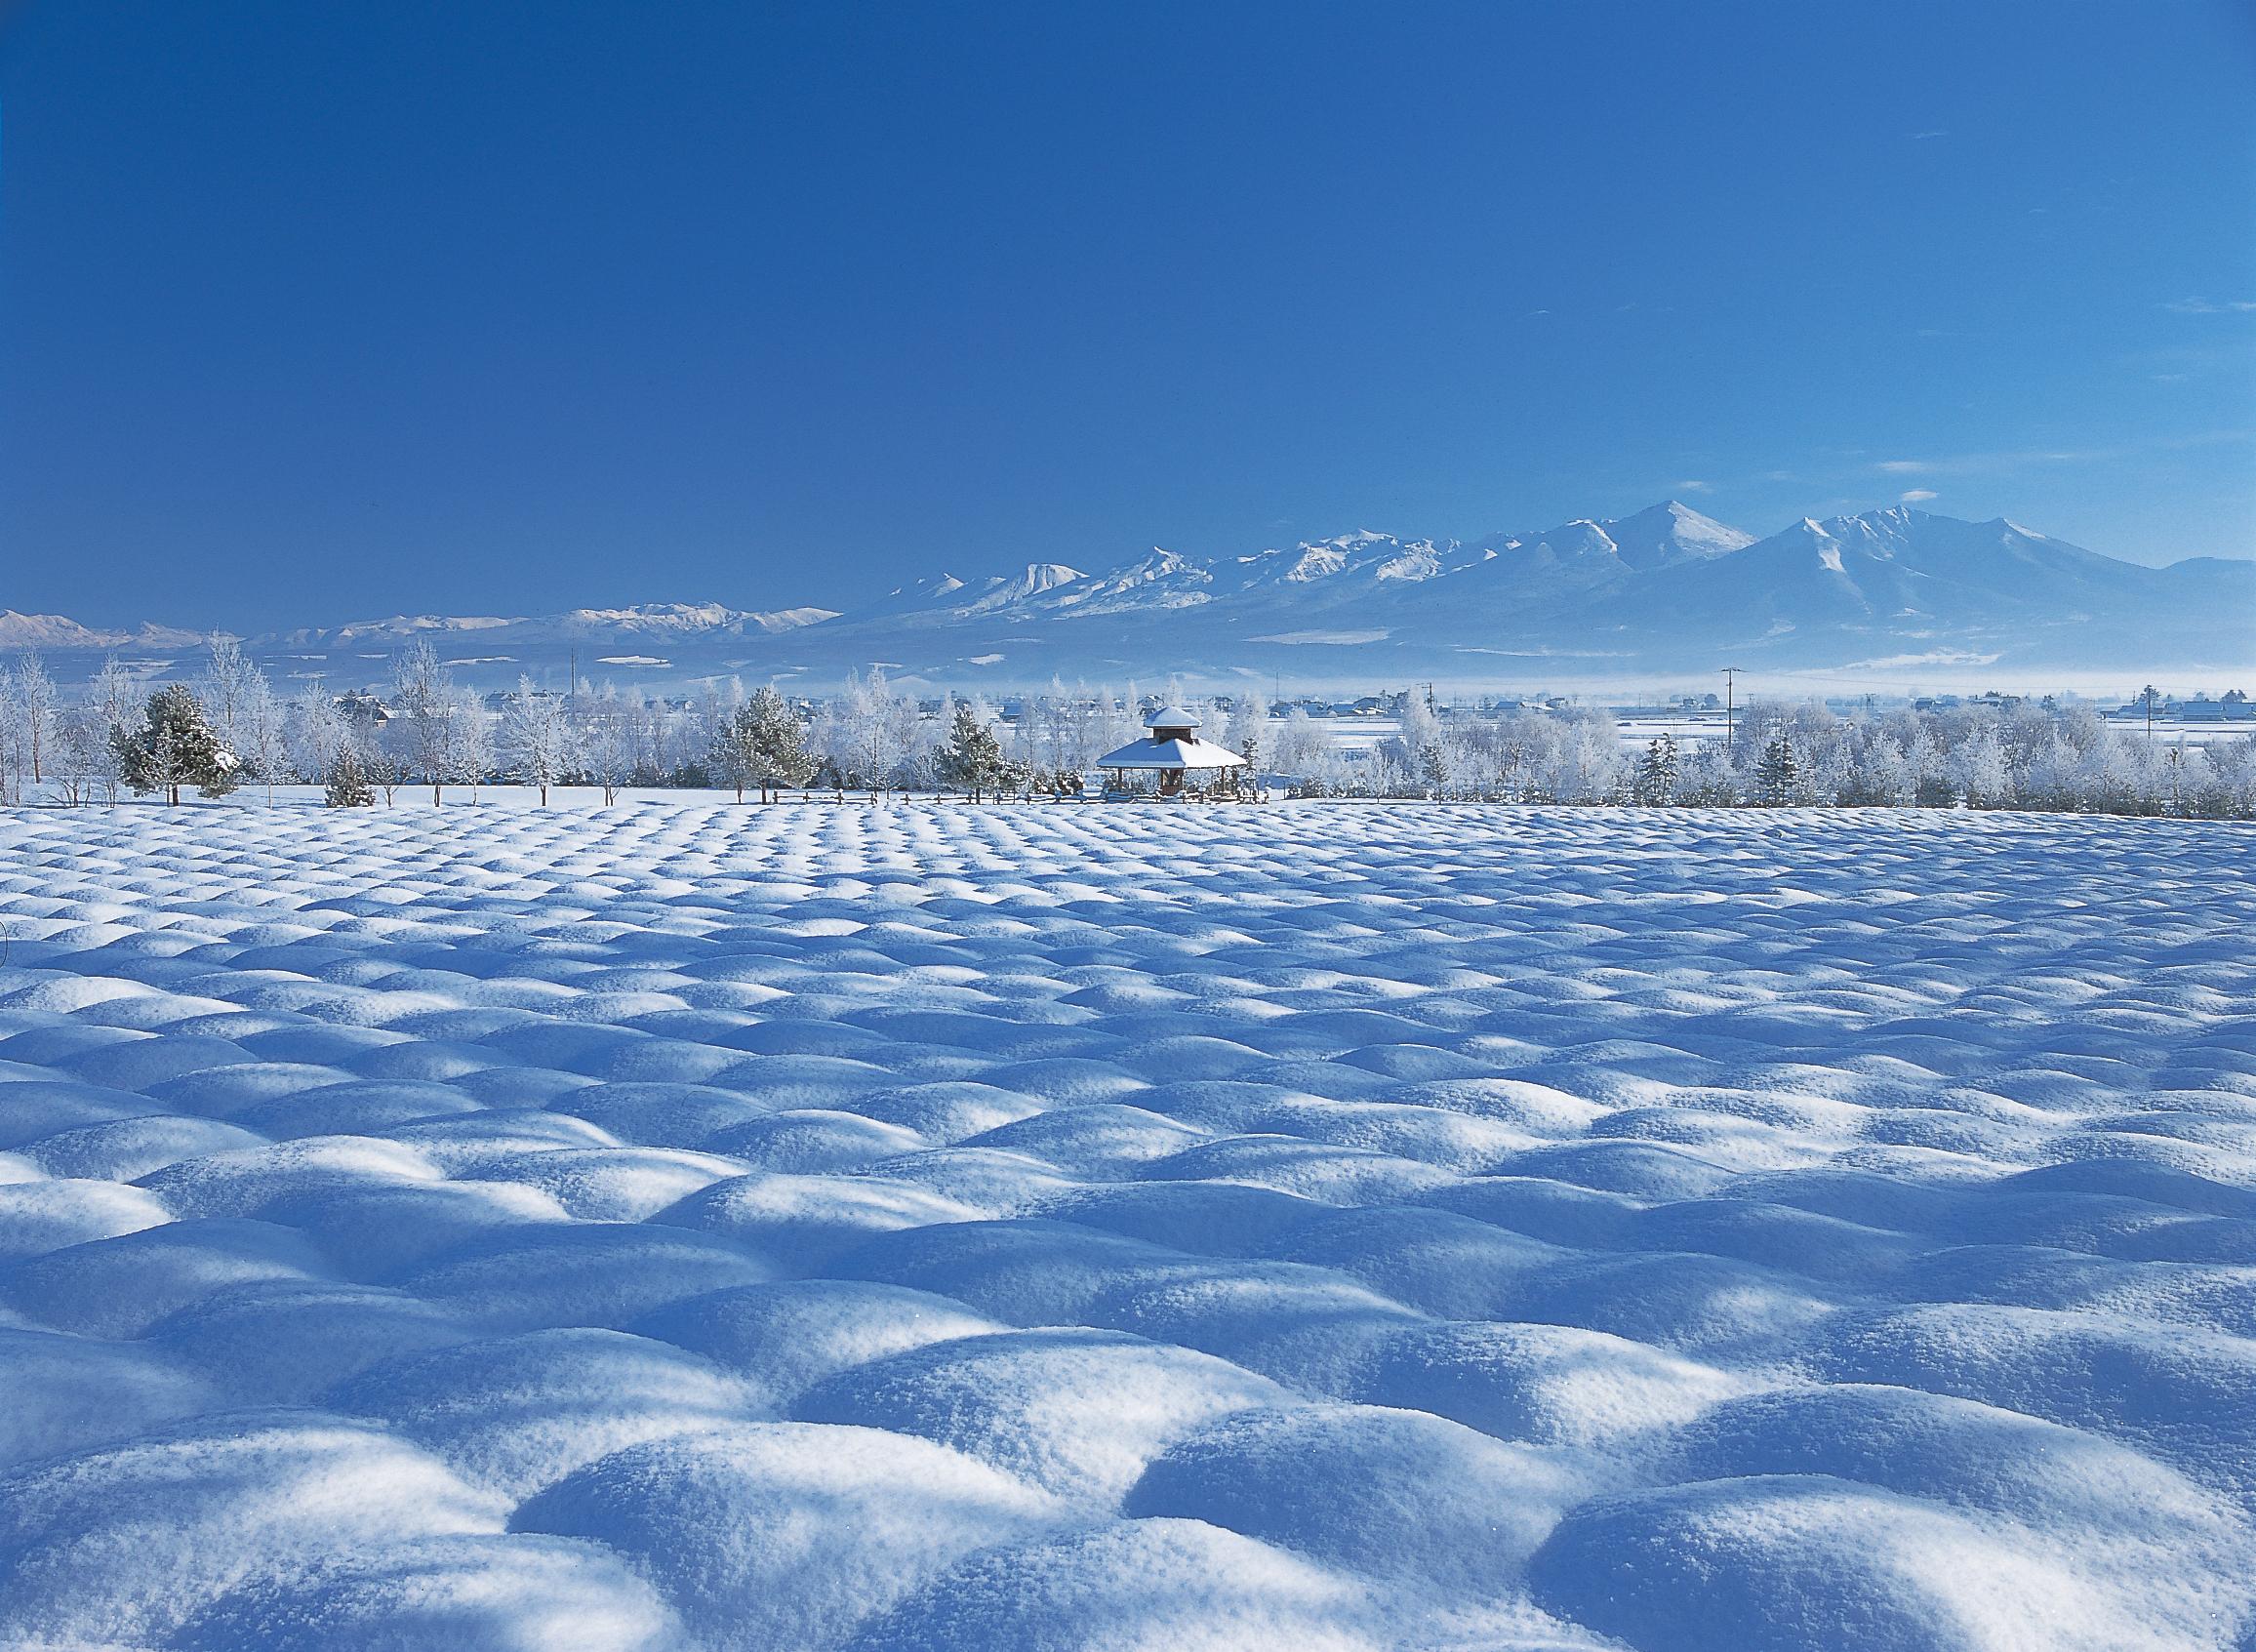 波のような雪原が見られるのは雪が降り始める時期だけ(写真提供:すべてファーム富田)